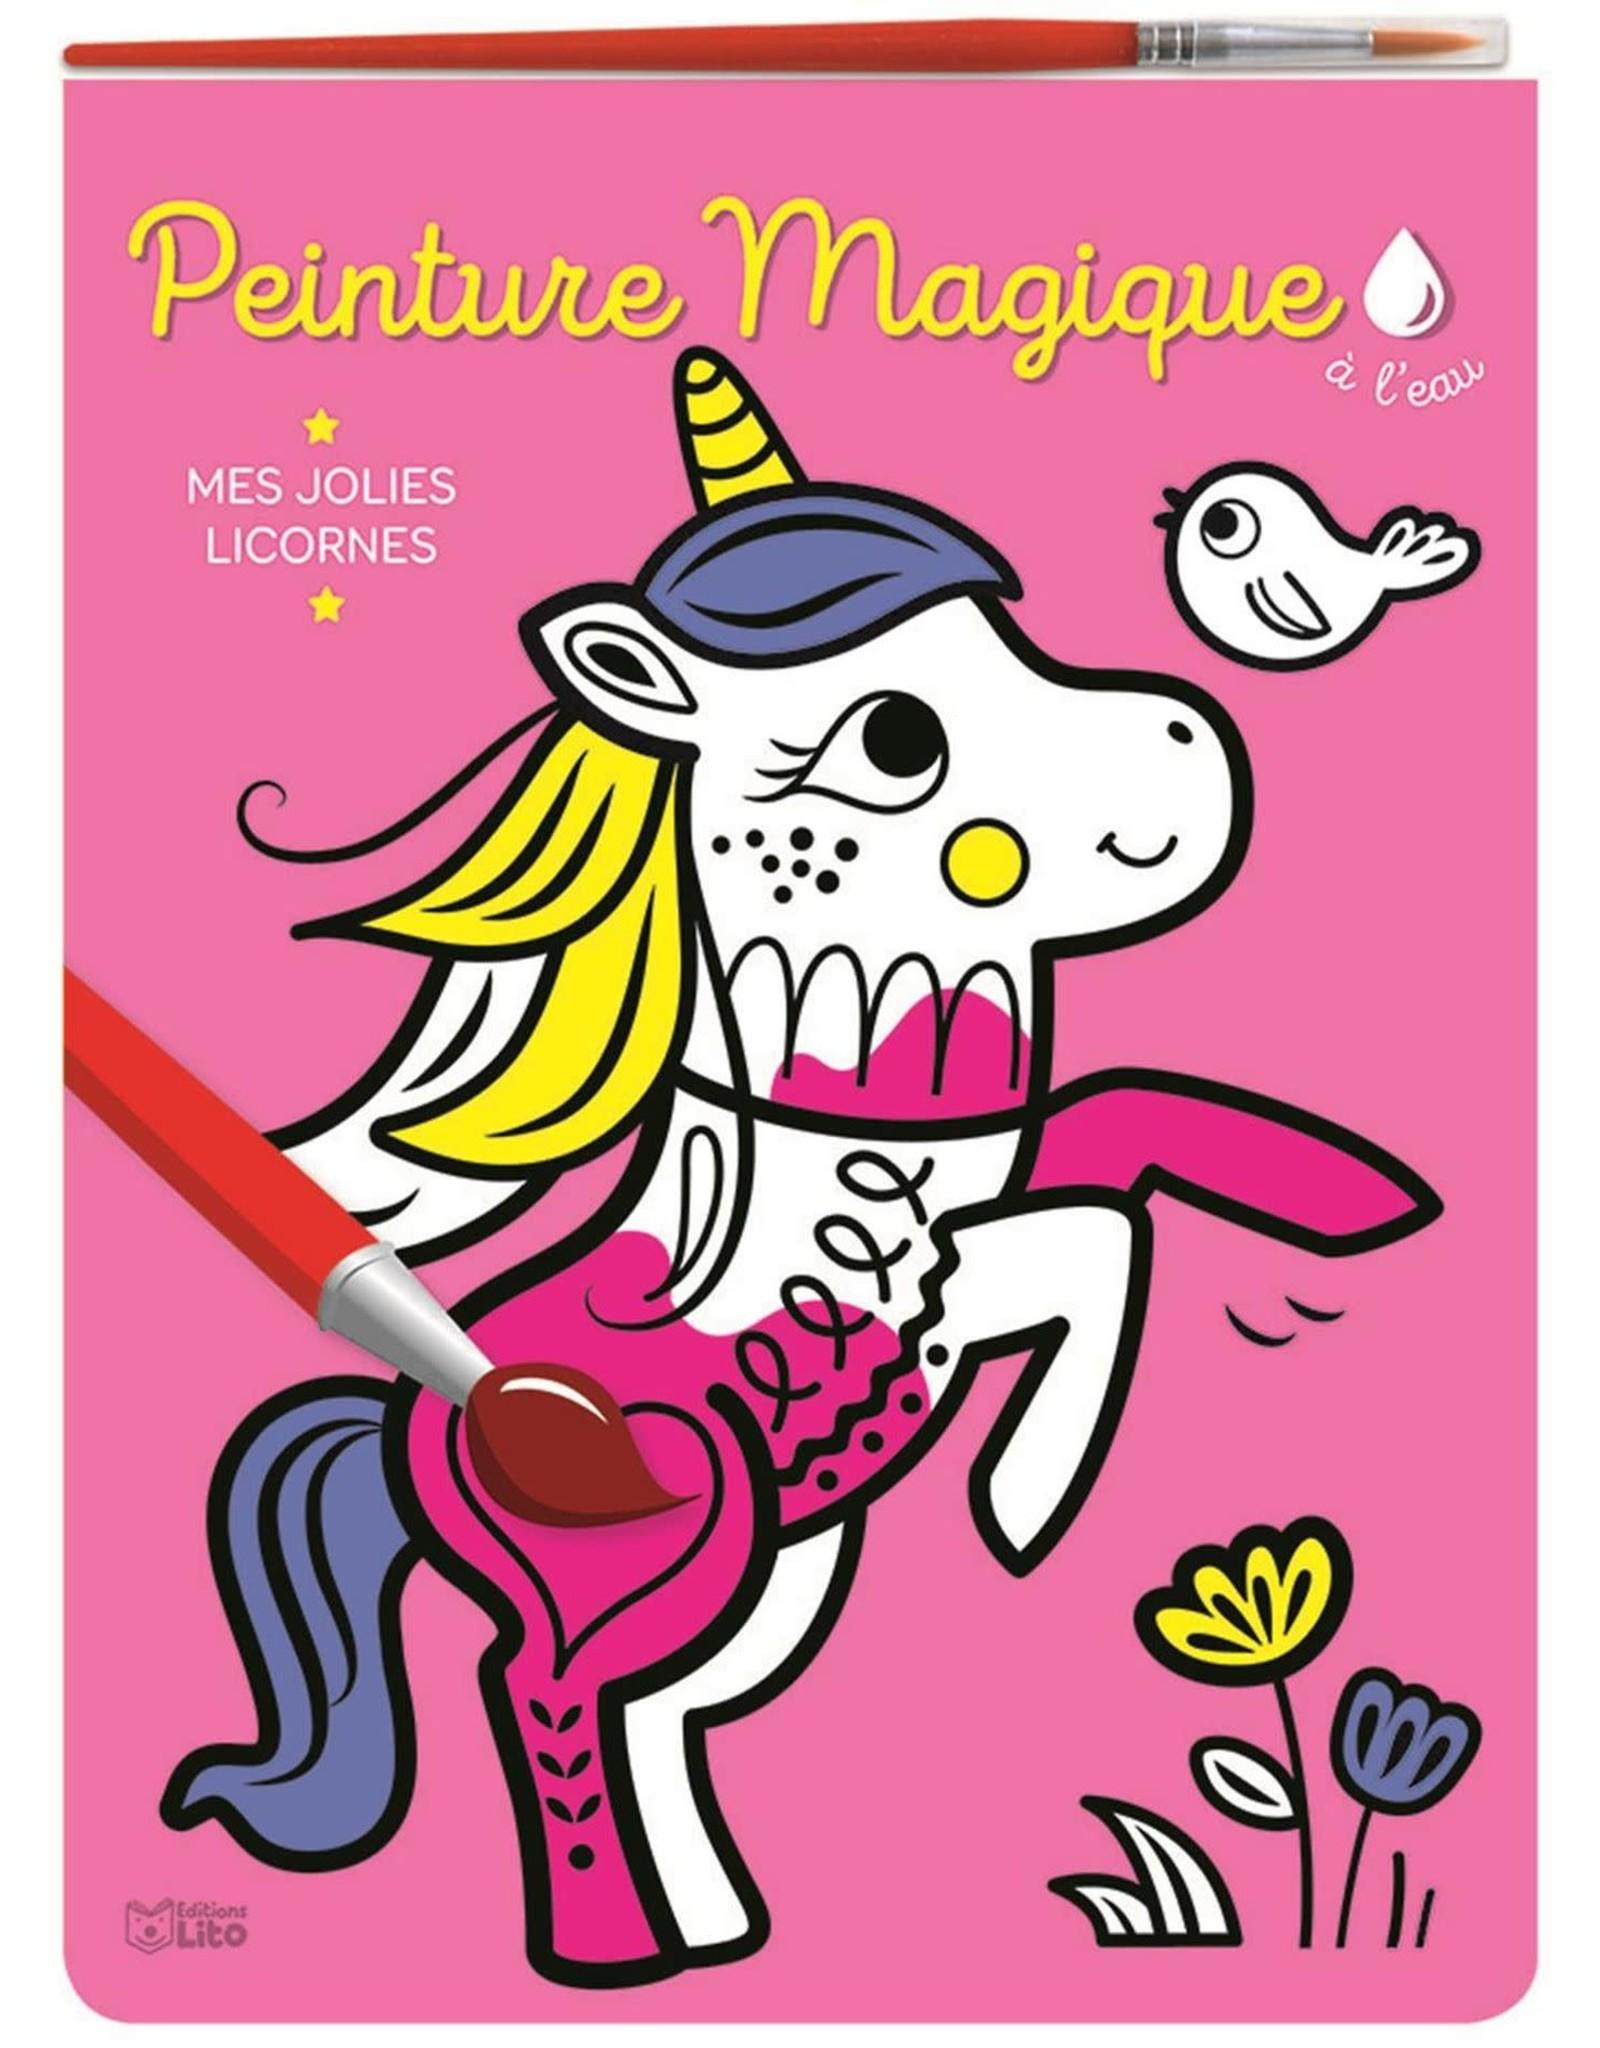 Livre à peinturer Peinture Magique Mes jolies licornes